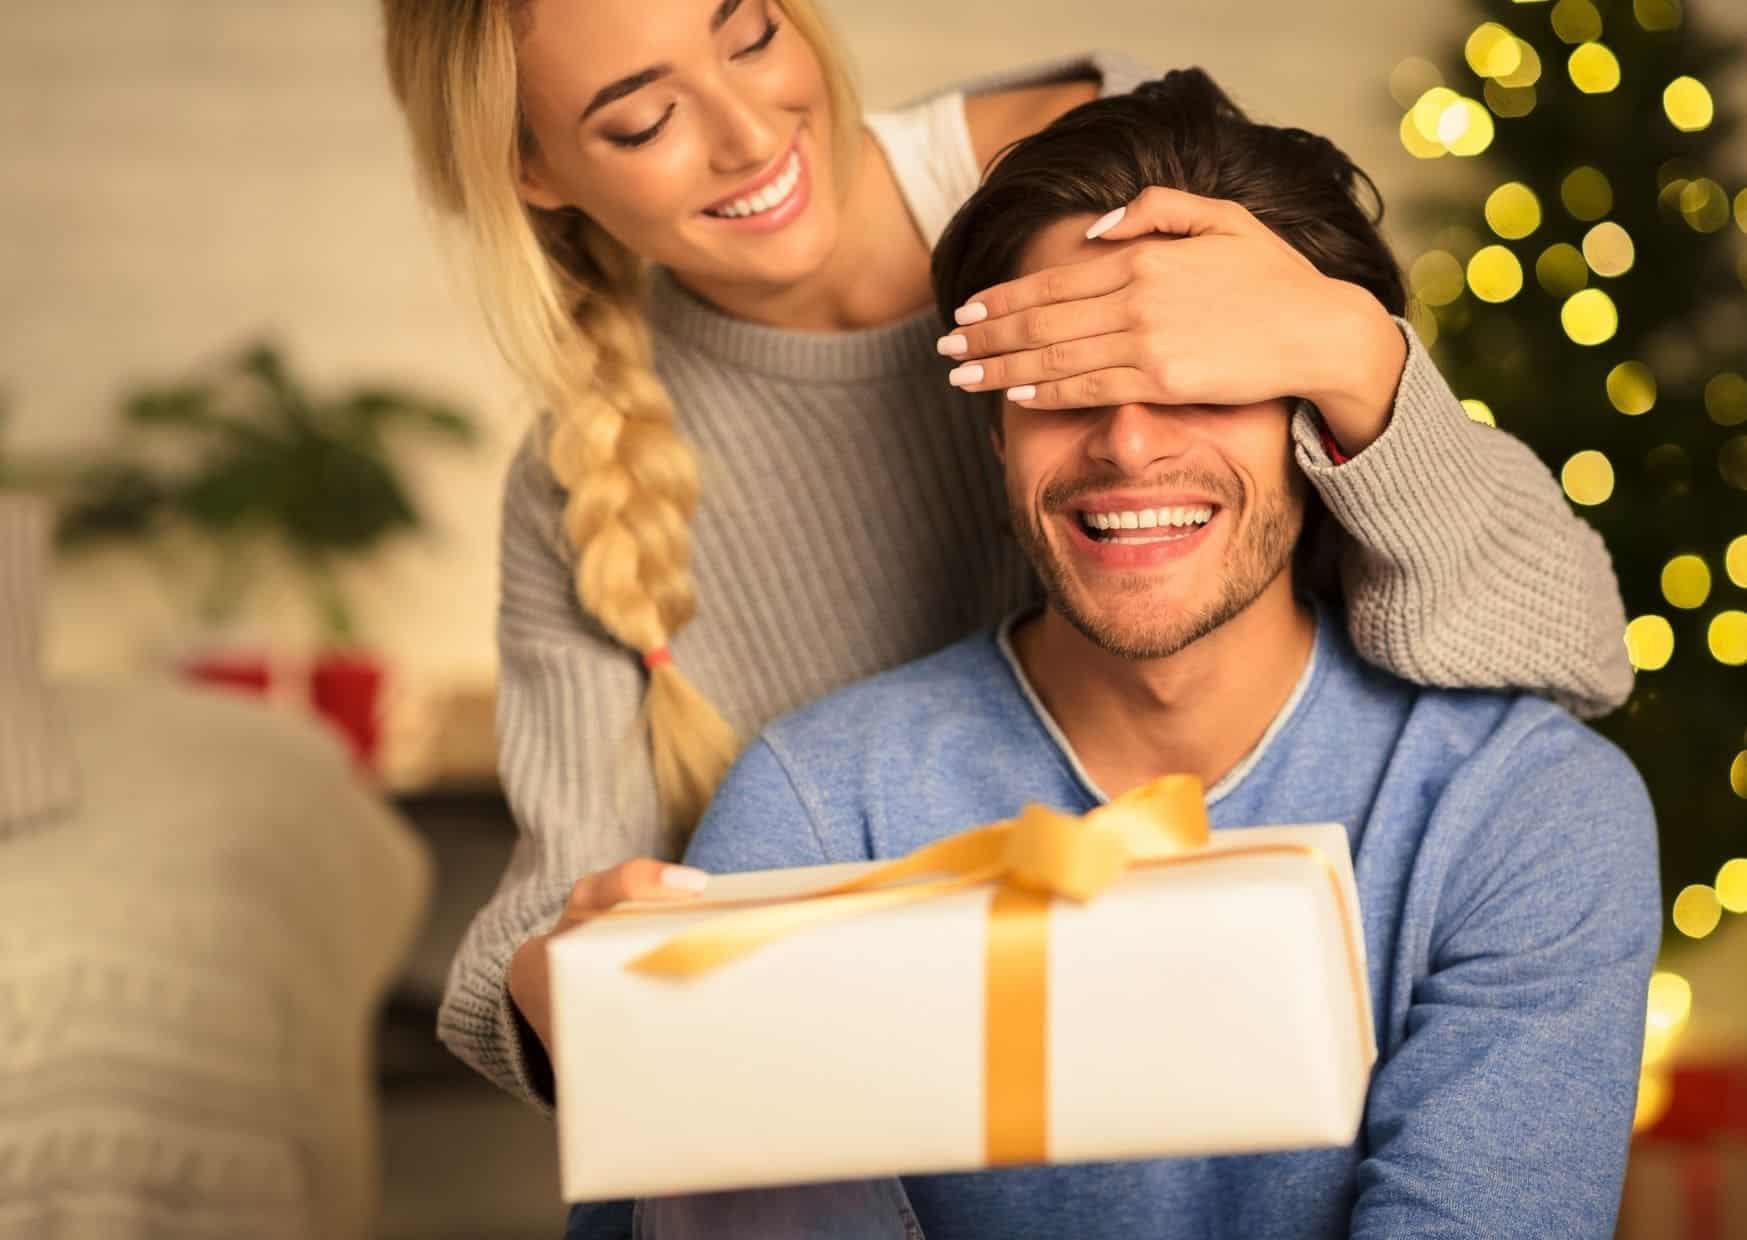 Remercier sa femme pour un cadeau